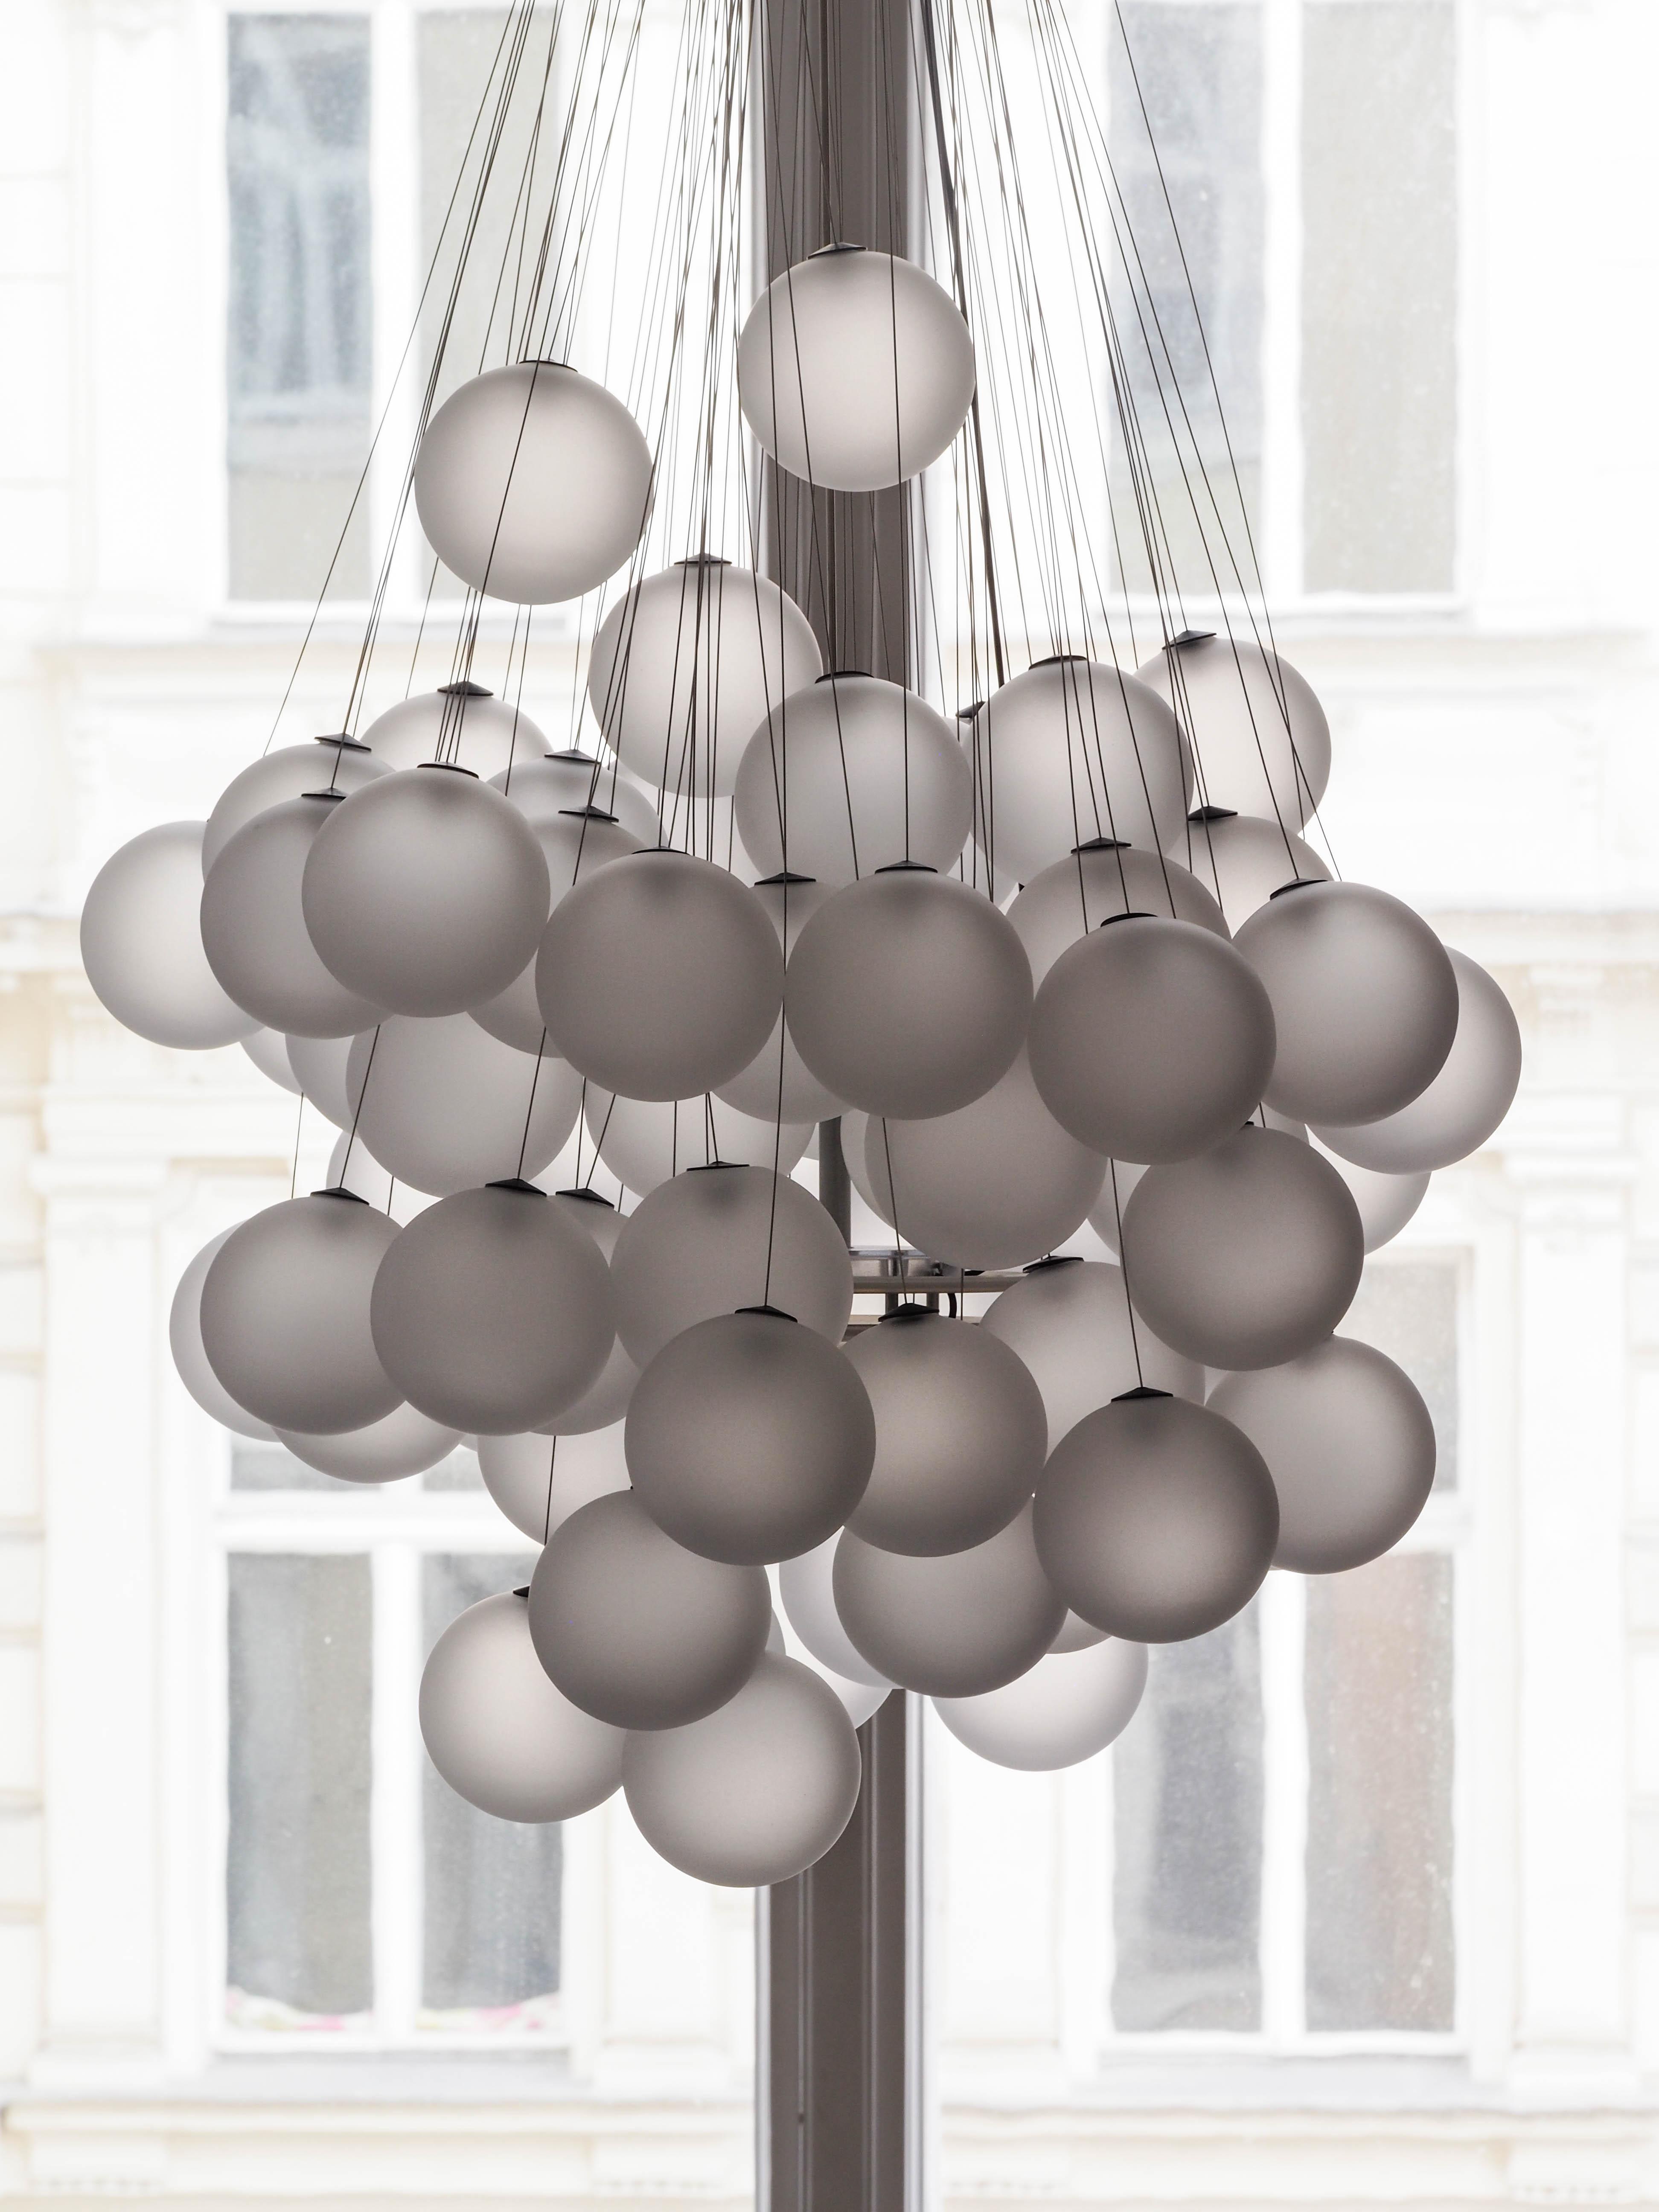 Außergewöhnliche Leuchten - Luceplan Stochastic